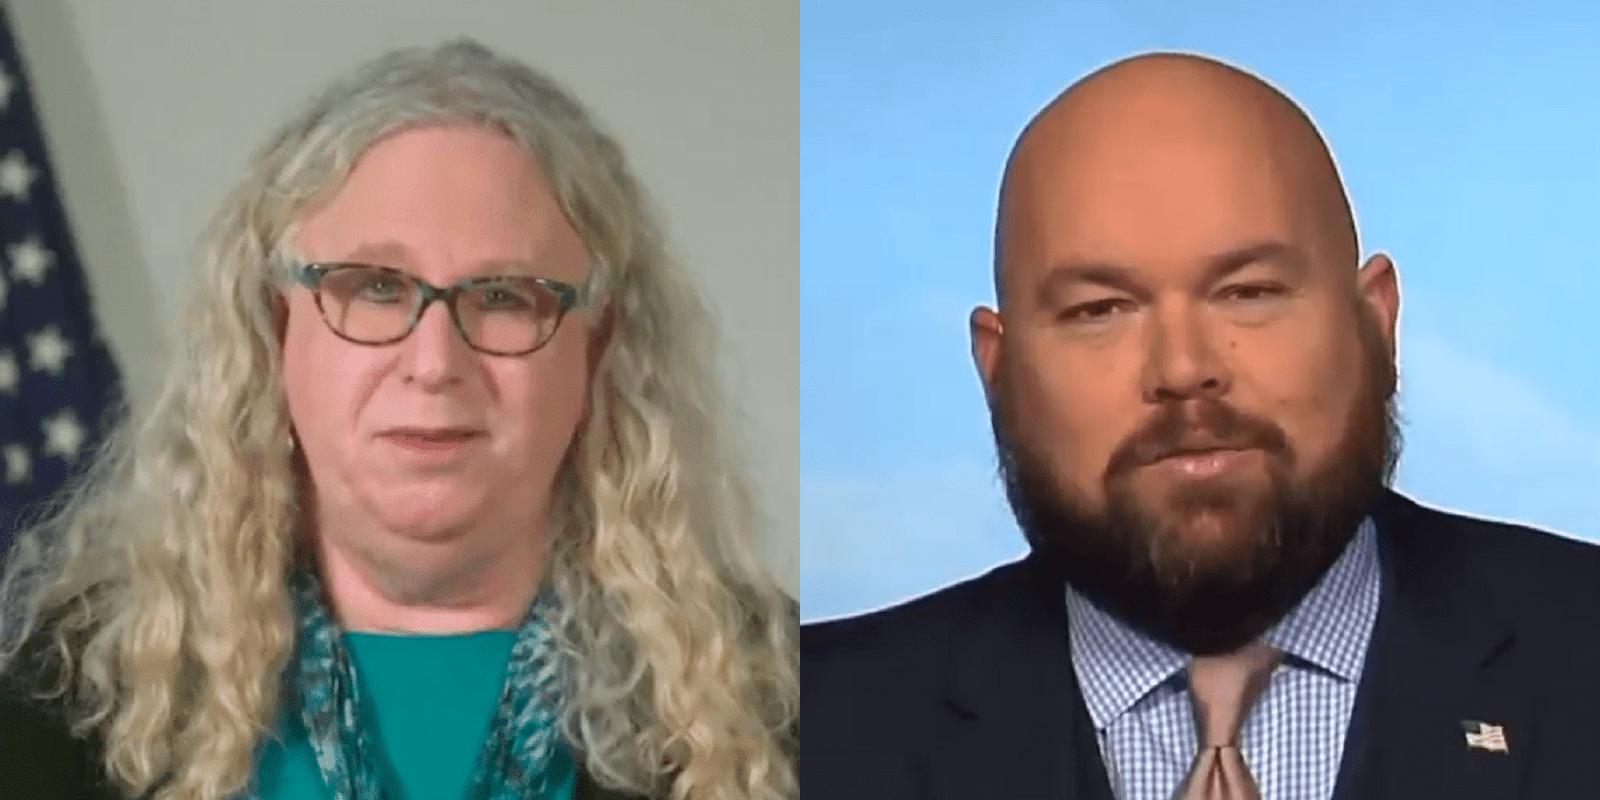 L'animatrice De Radio Soutenant Trump Cible Le Dr Rachel Levine